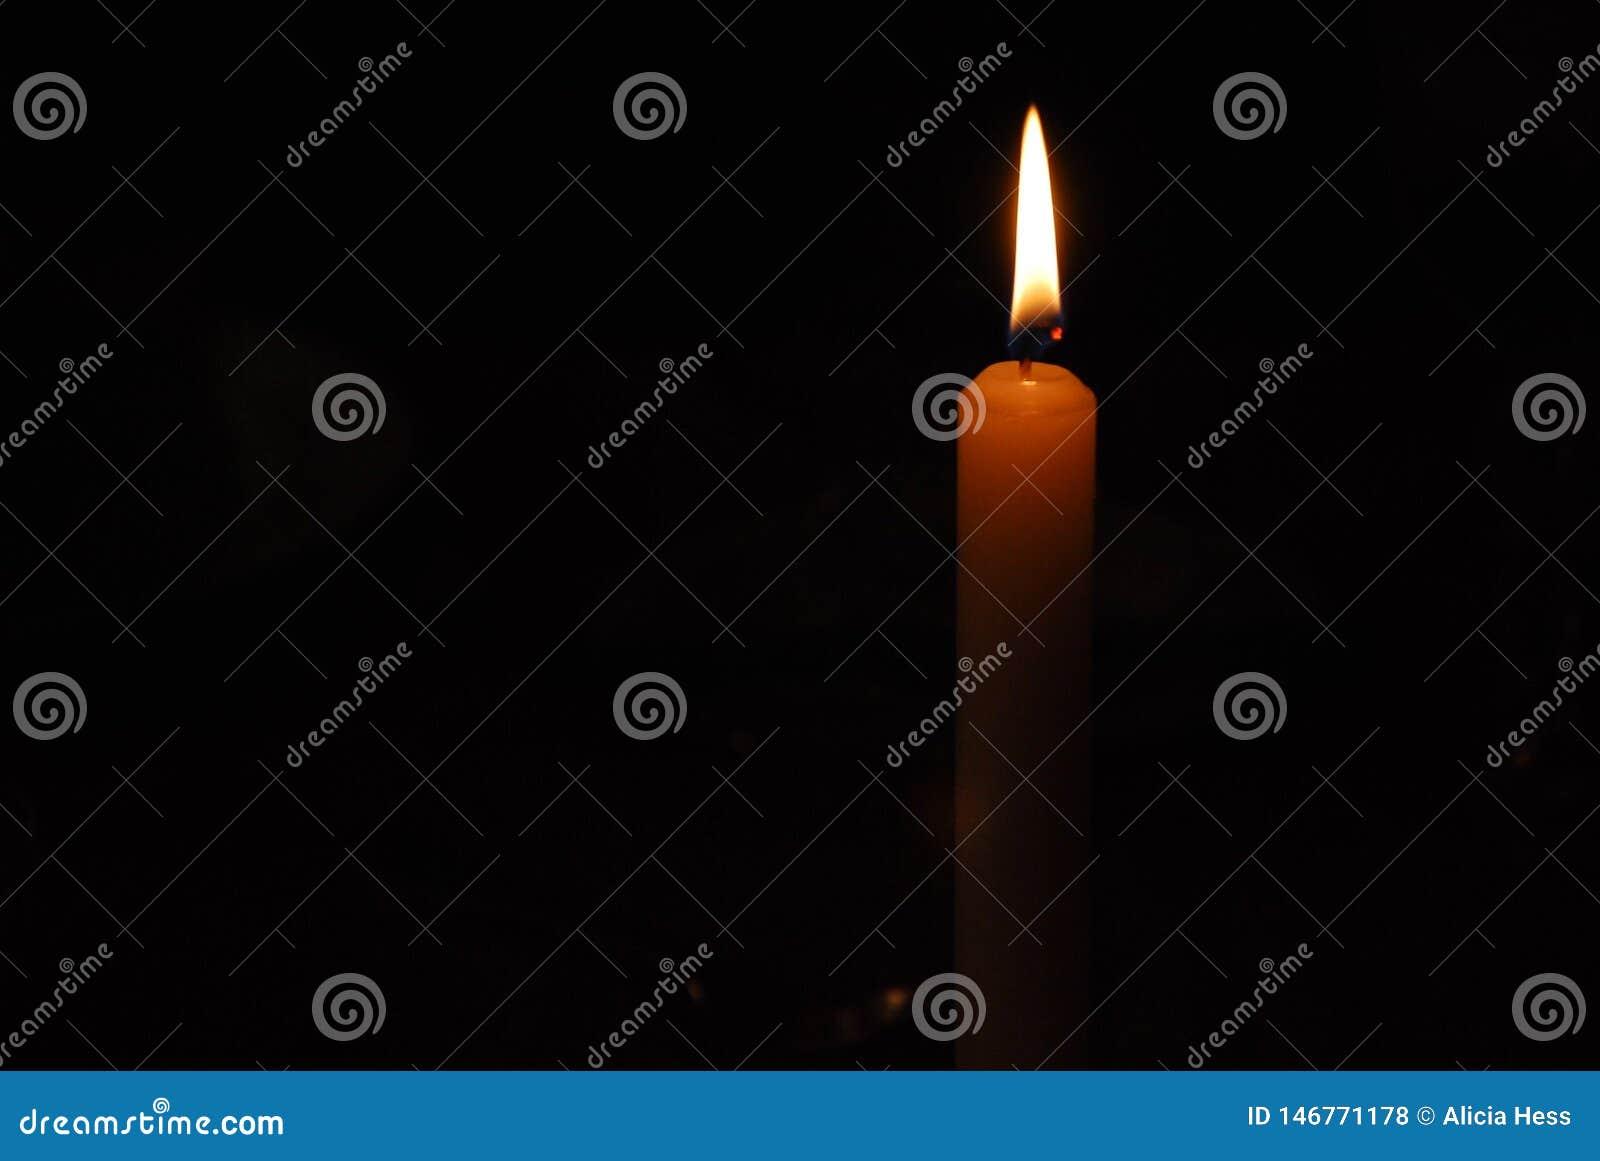 Płomień świeczki światło w ciemności